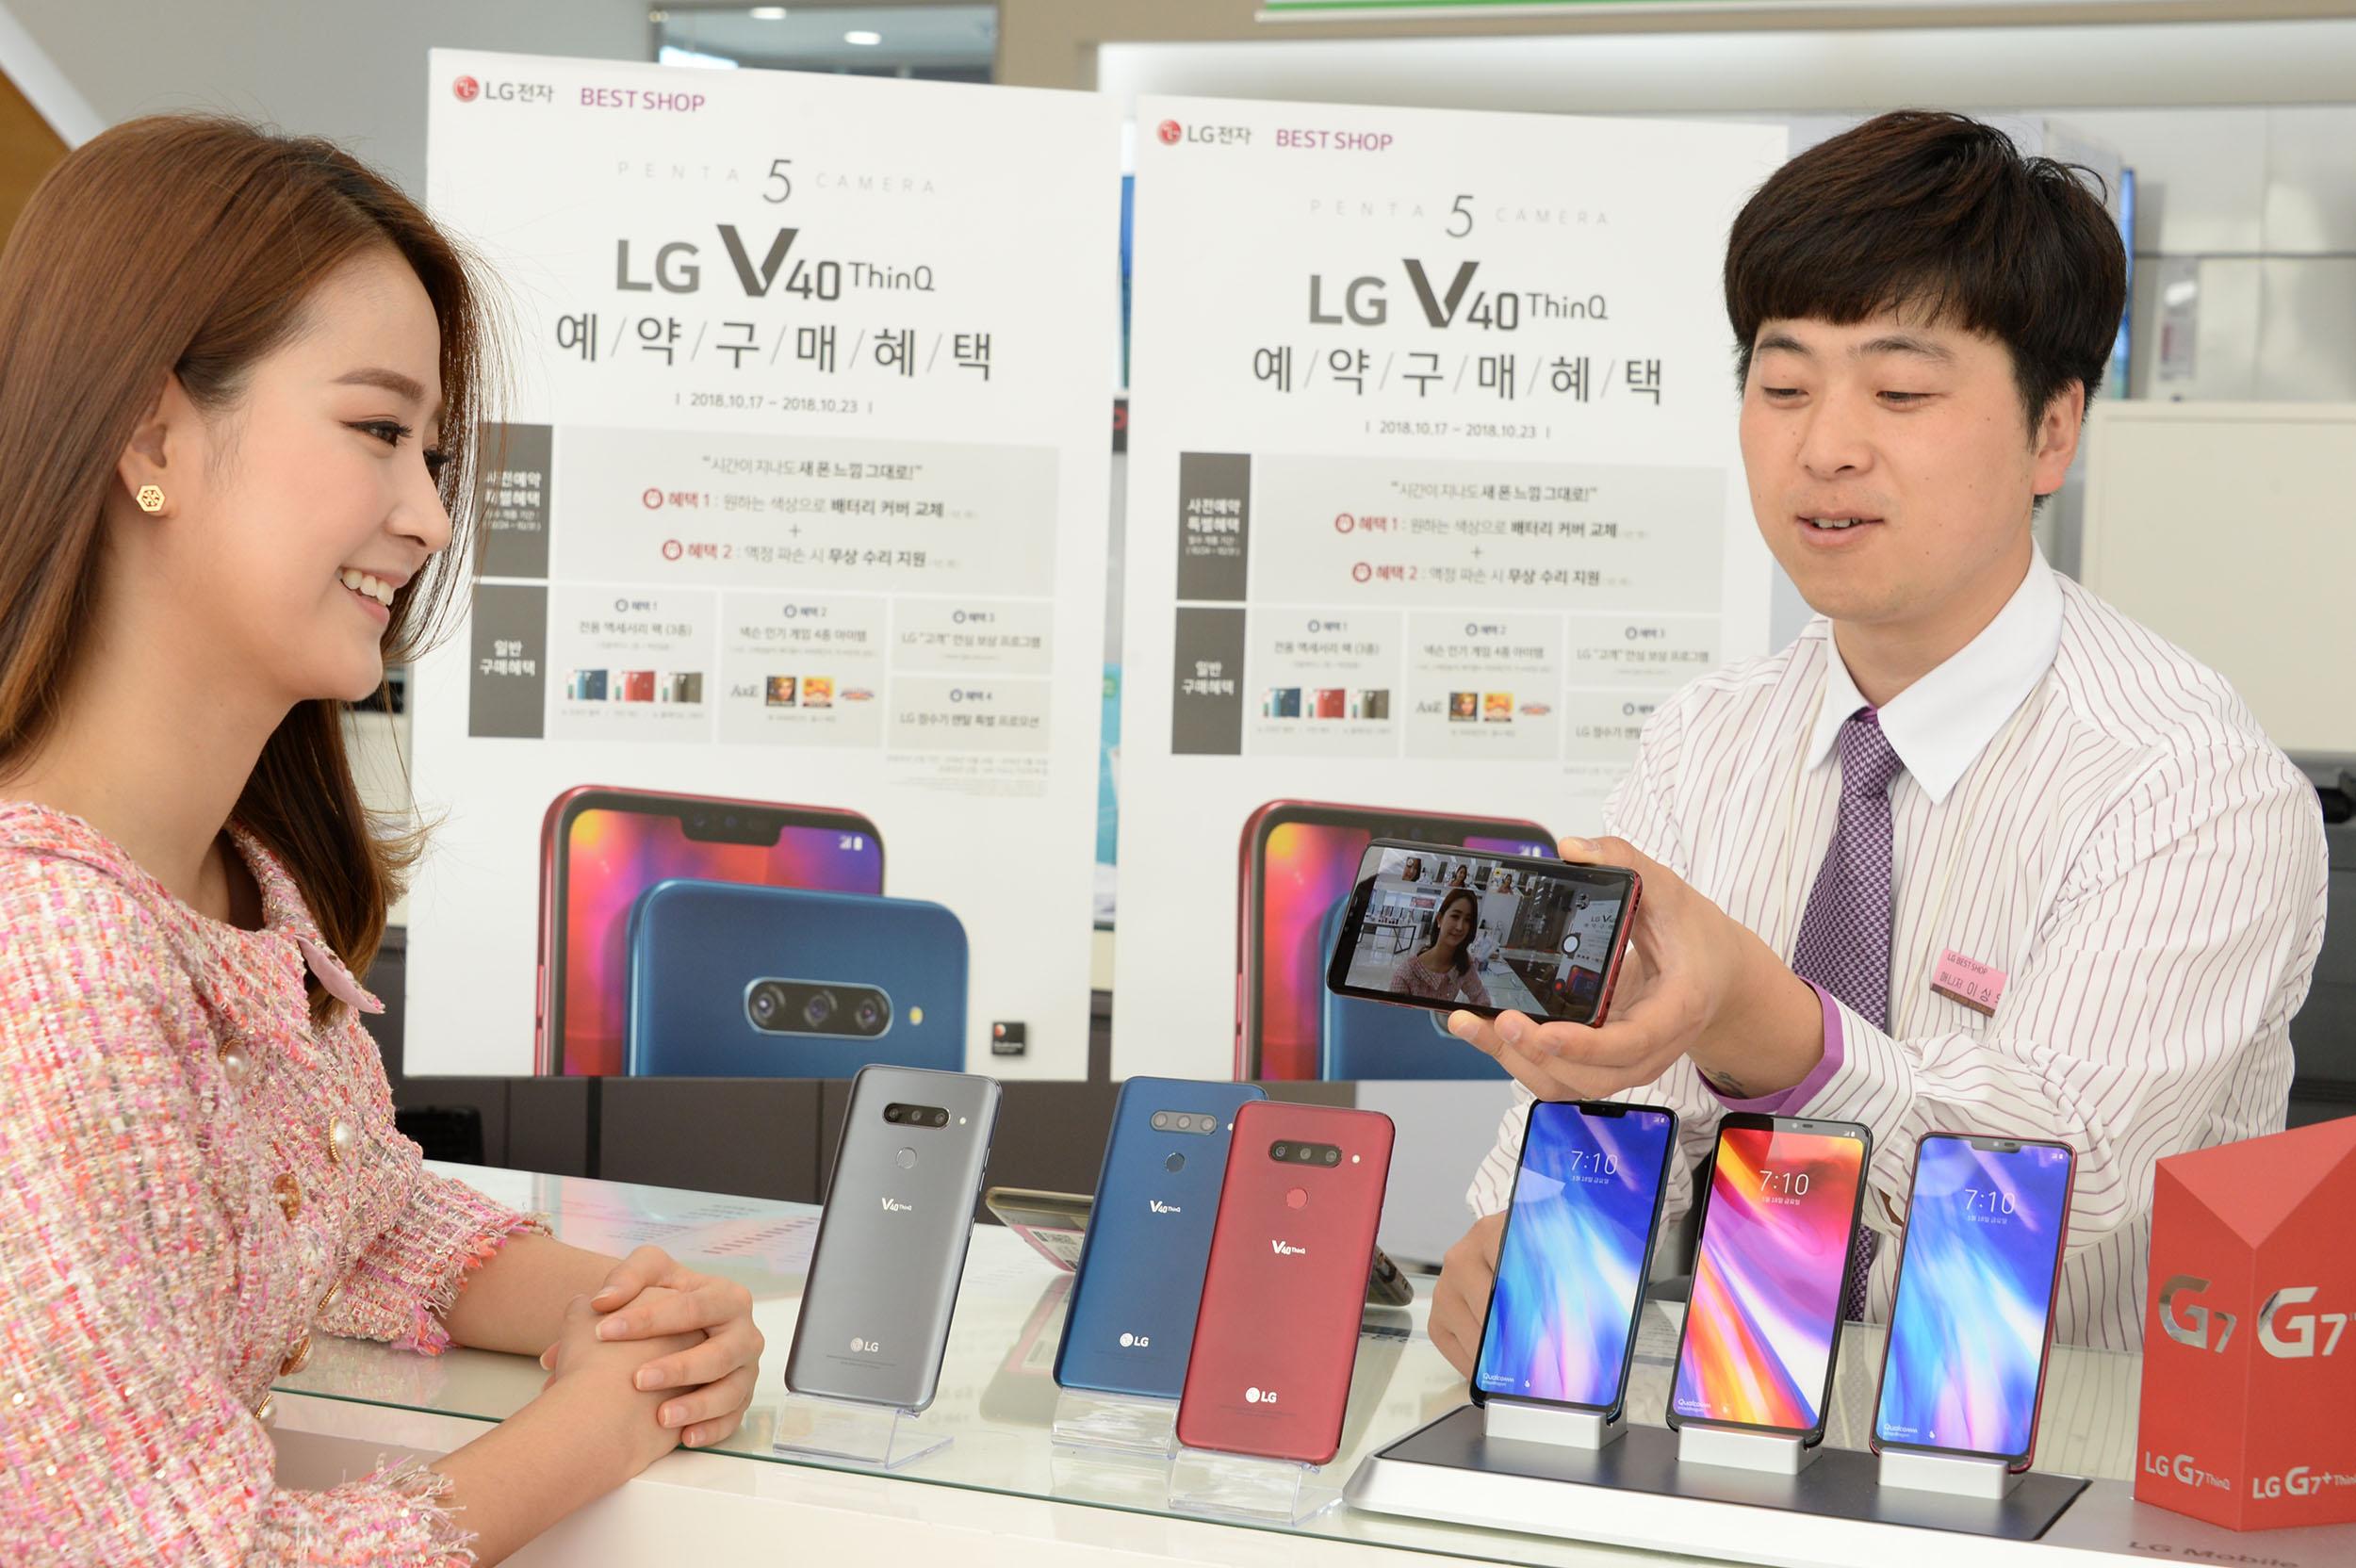 20일 서울 영등포구에 위치한 휴대폰 매장에서 판매사가 LG V40 ThinQ  의 트리플샷 기능을 설명  하고 있다.